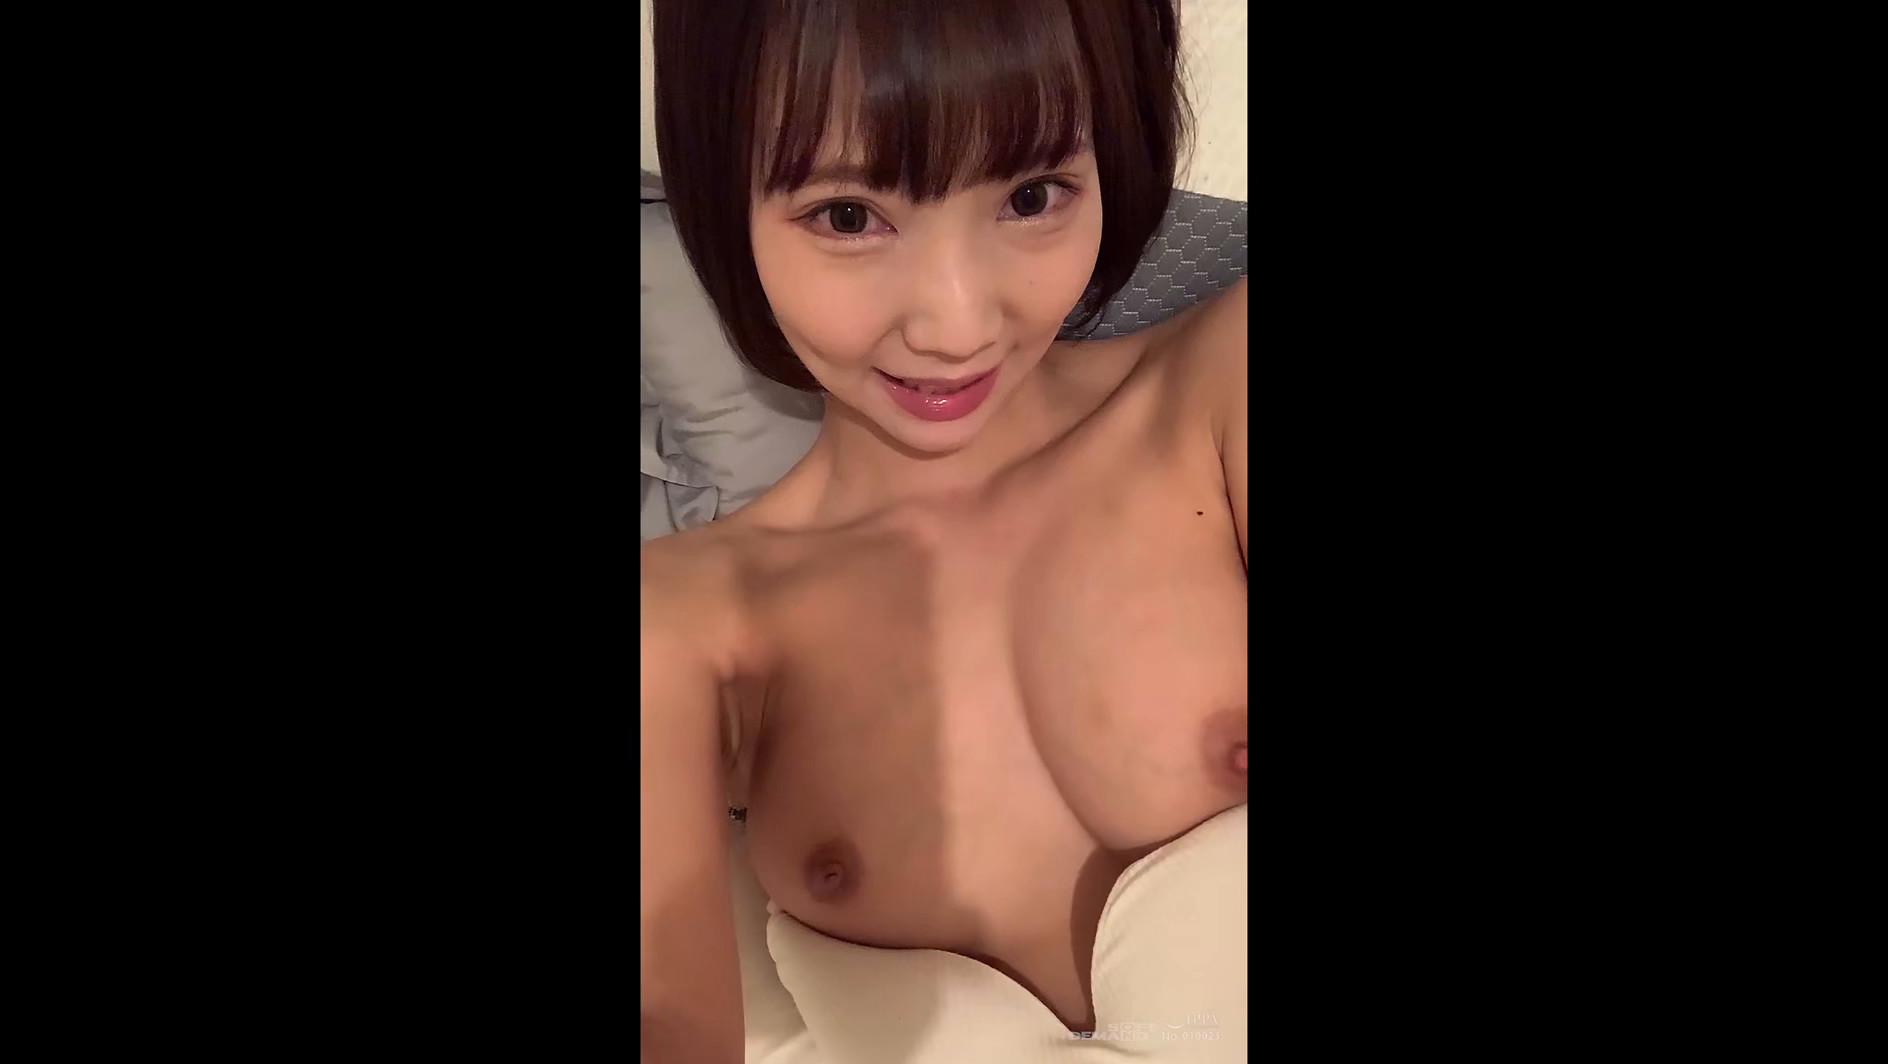 ビデオ通話エッチ JOI みう 【縦動画】 画像12